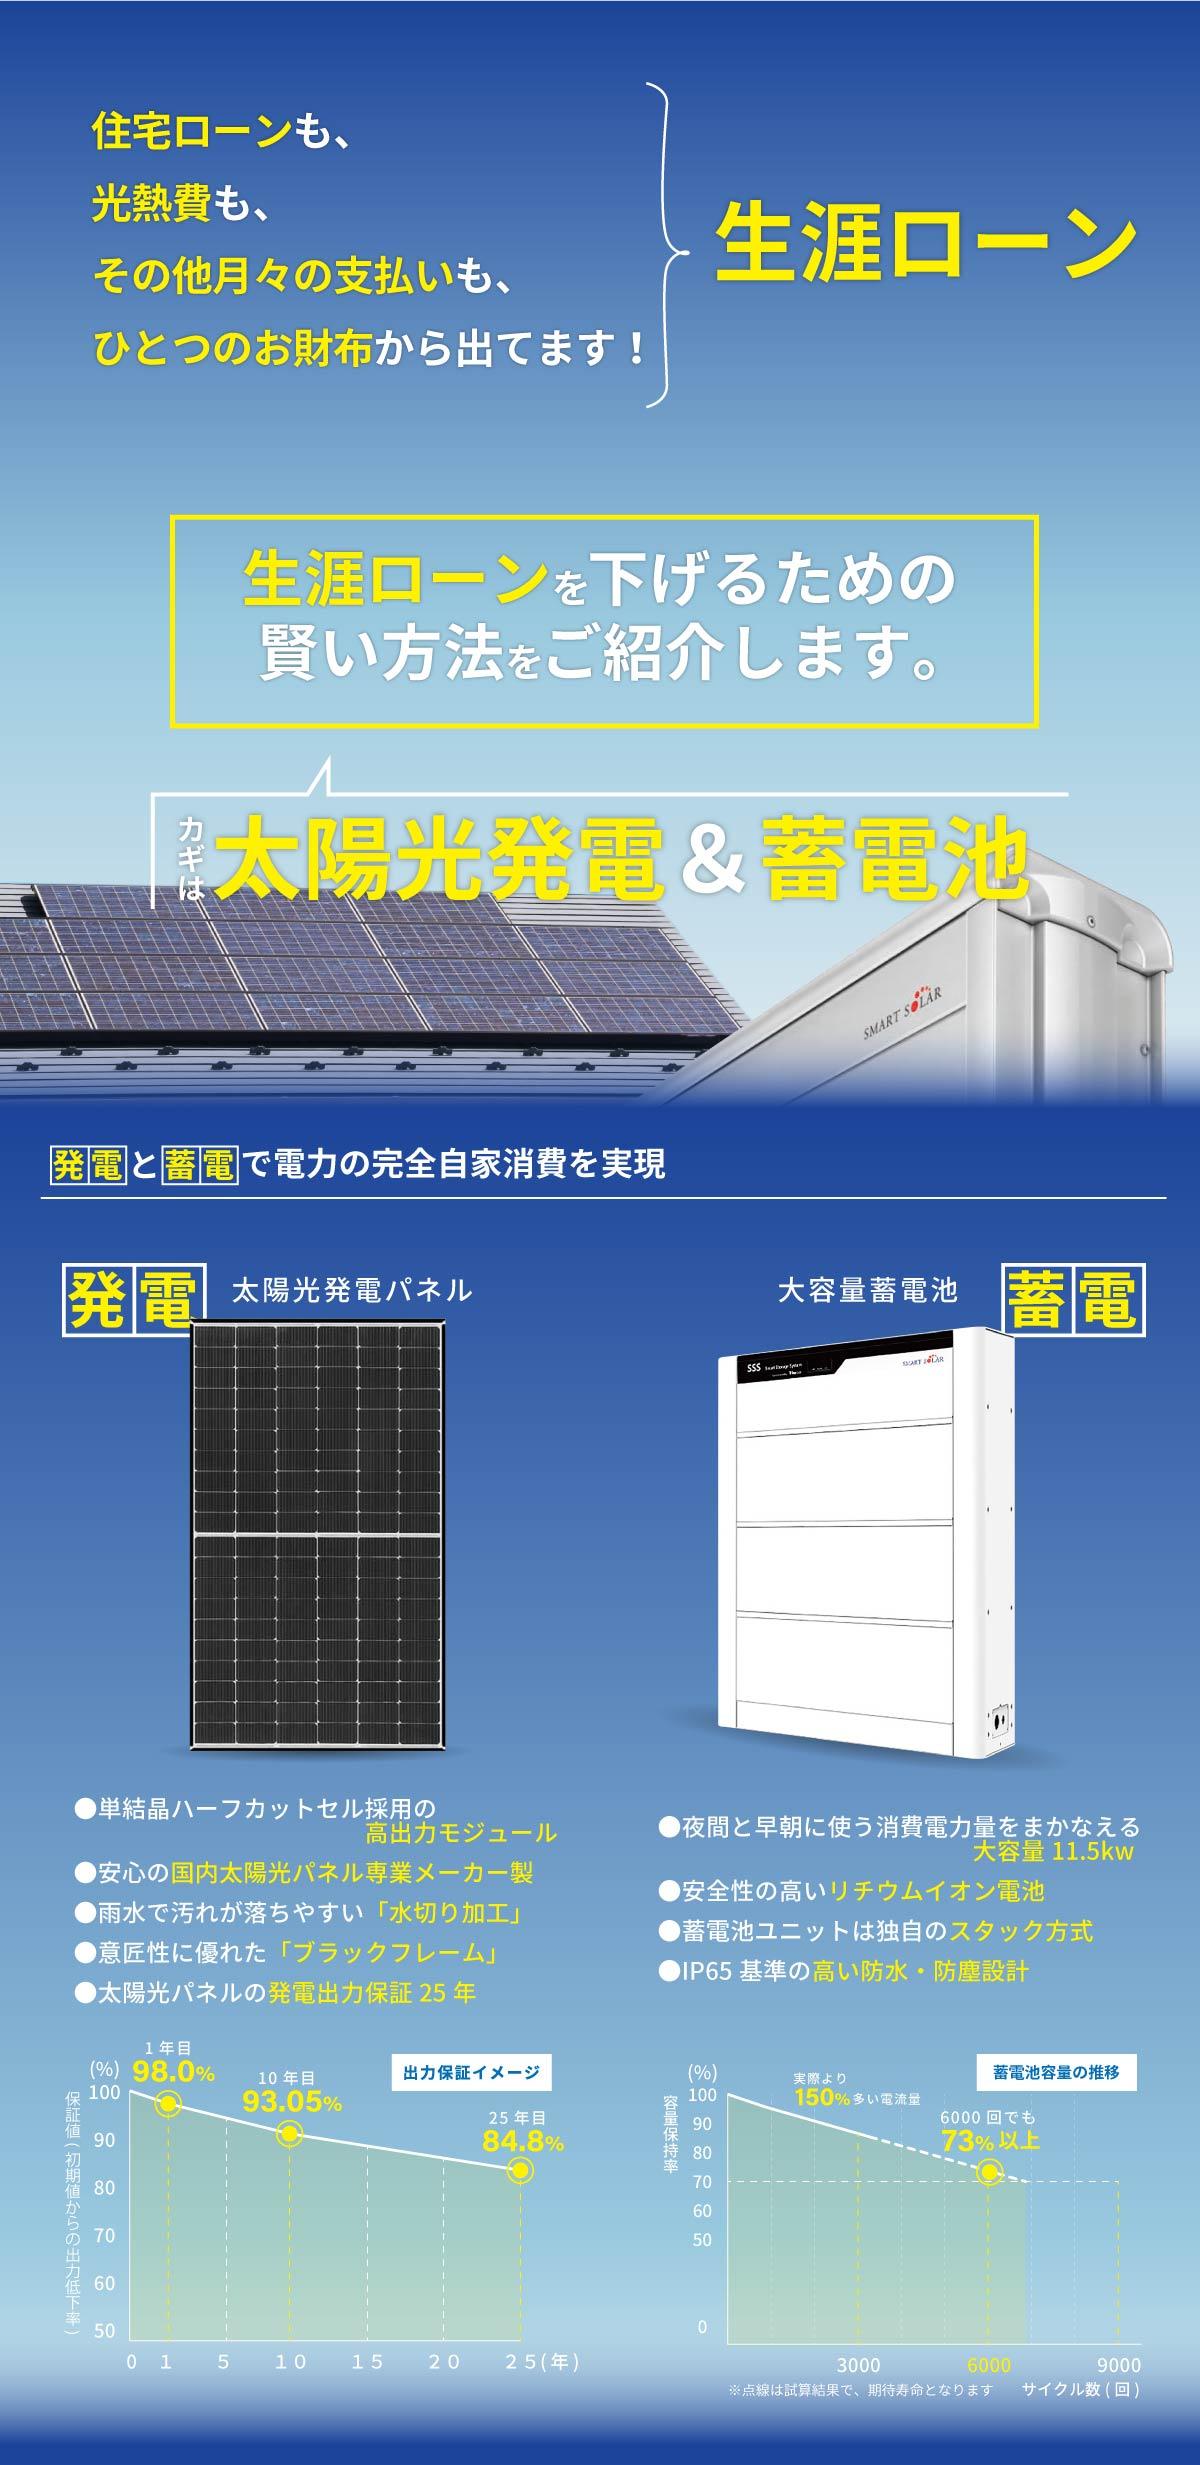 美都住販 蓄電池 太陽光 スマートソーラー 住宅ローンも、光熱費も、その他月々の支払いも、ひとつのお財布から出てます!生涯ローンを下げるための賢い方法をご紹介します。カギは太陽光発電&蓄電池 発電と蓄電で電力の完全自家消費を実現 太陽光発電パネル●単結晶ハーフカットセル採用の高出力モジュール●安心の国内太陽光パネル専業メーカー製●雨水で汚れが落ちやすい「水切り加工」●意匠性に優れた「ブラックフレーム」●太陽光パネルの発電出力保証25年 大容量蓄電池●夜間と早朝に使う消費電力量をまかなえる大容量11.5kw●安全性の高いリチウムイオン電池●蓄電池ユニットは独自のスタック方式●IP65基準の高い防水・防塵設計